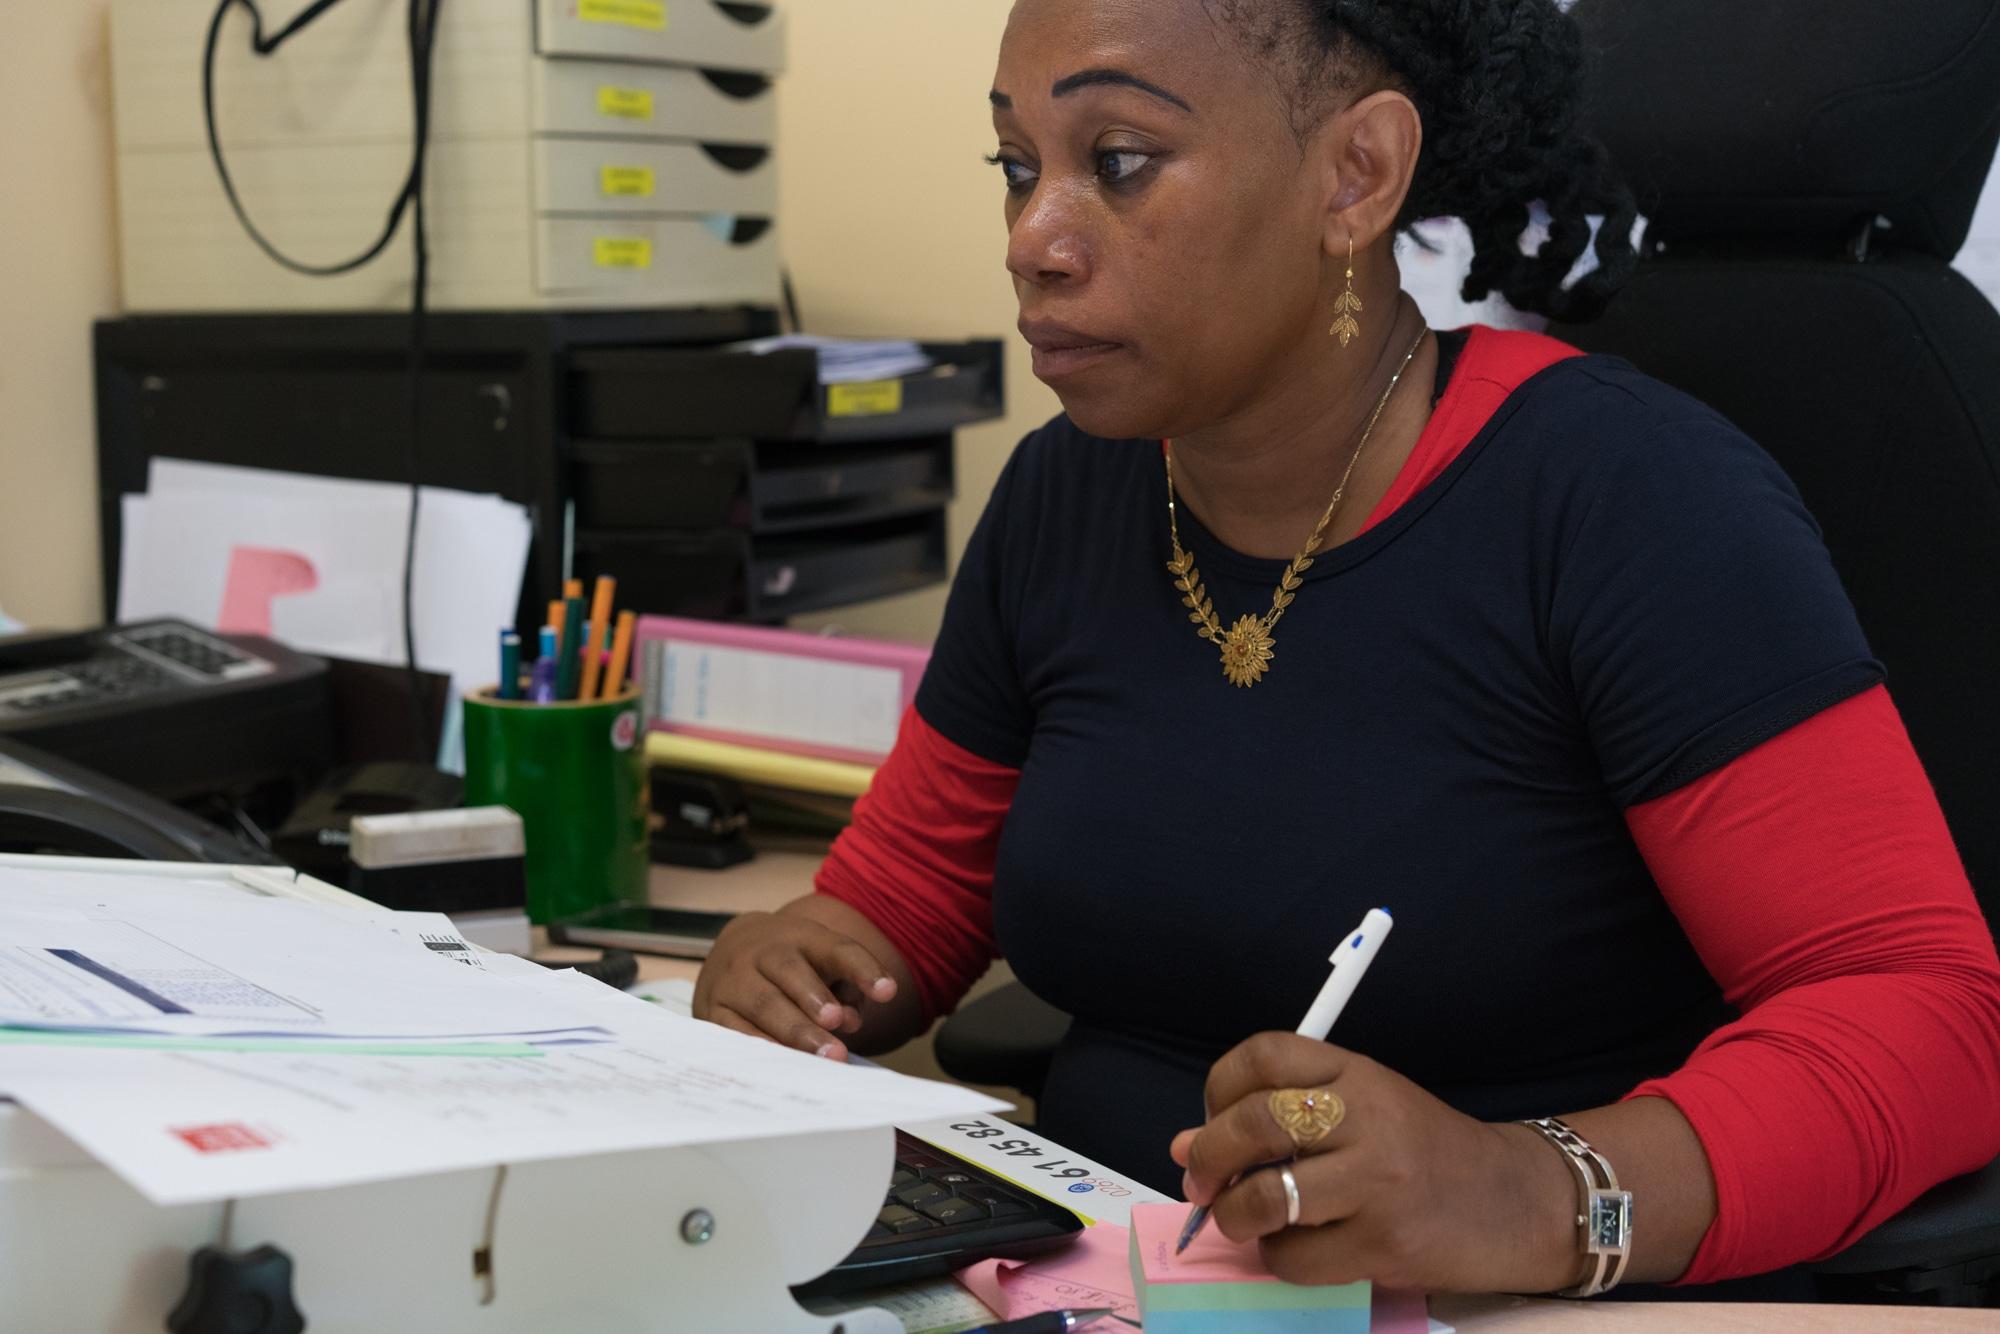 Hayati prend des notes sur un post-it. Devant elle on aperçoit un système pour surélever son poste de travail